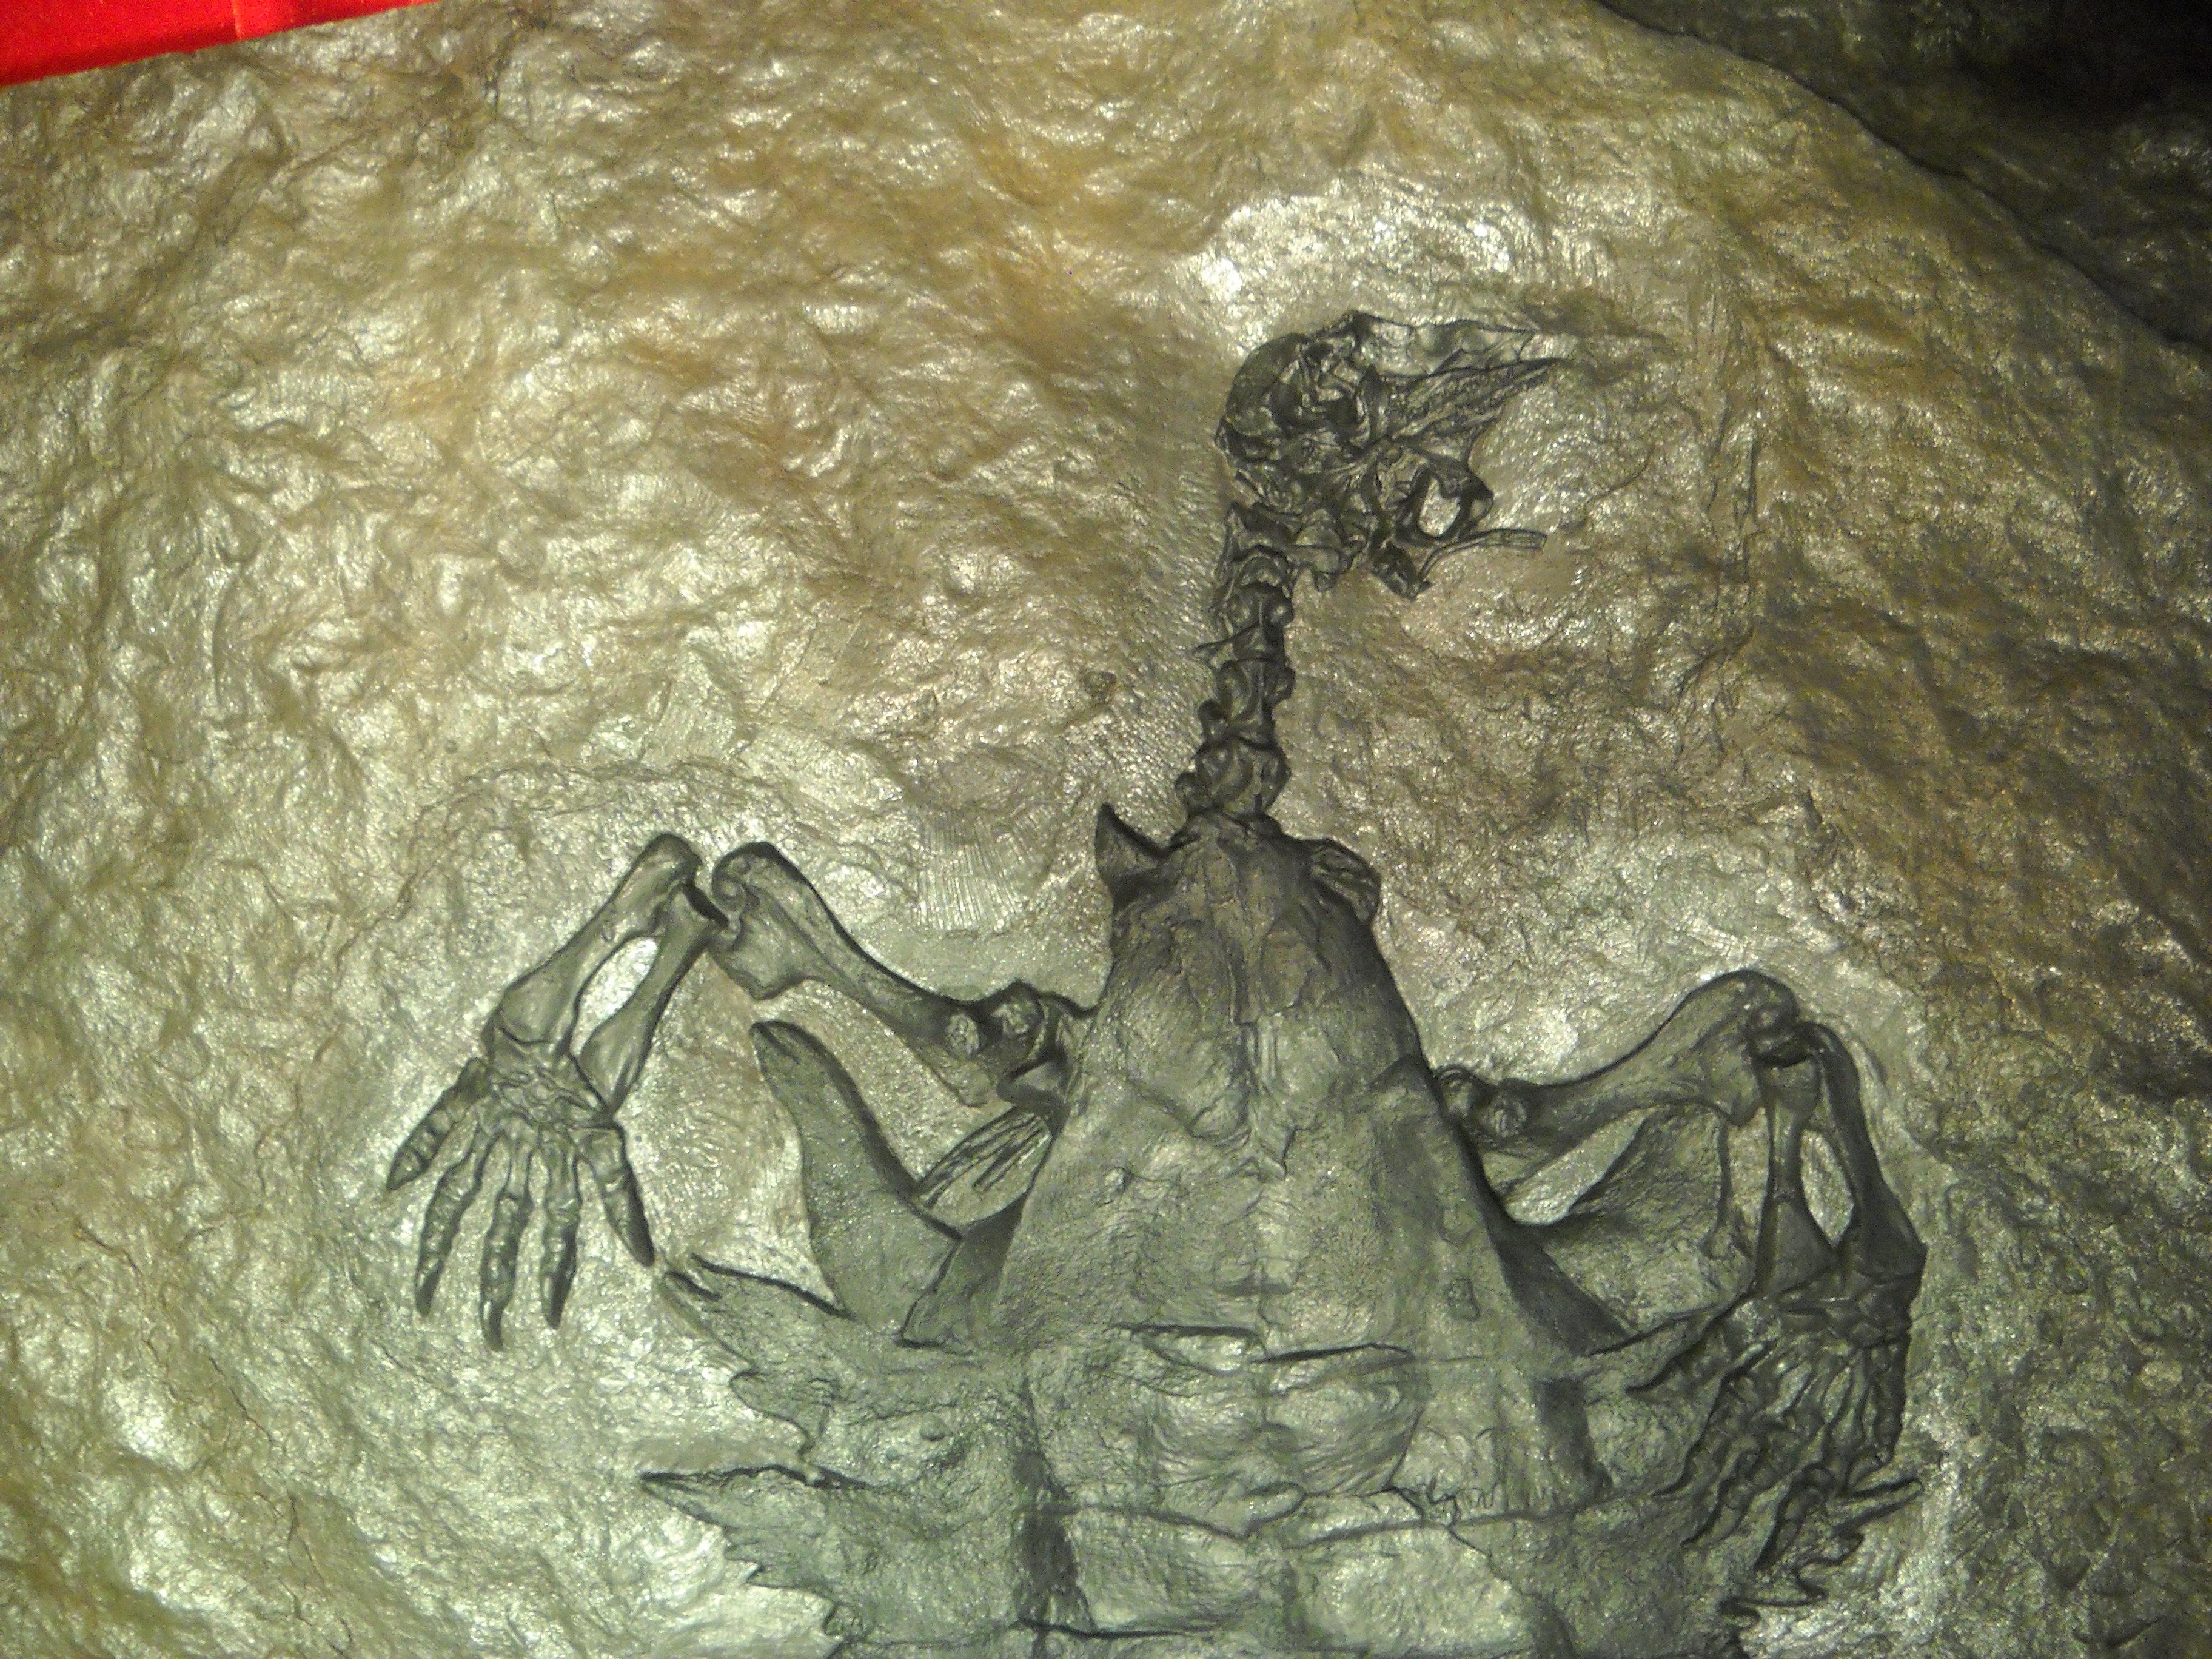 radiometrijski fosili datiranja upoznavanje momka s cerebralnom paralizom